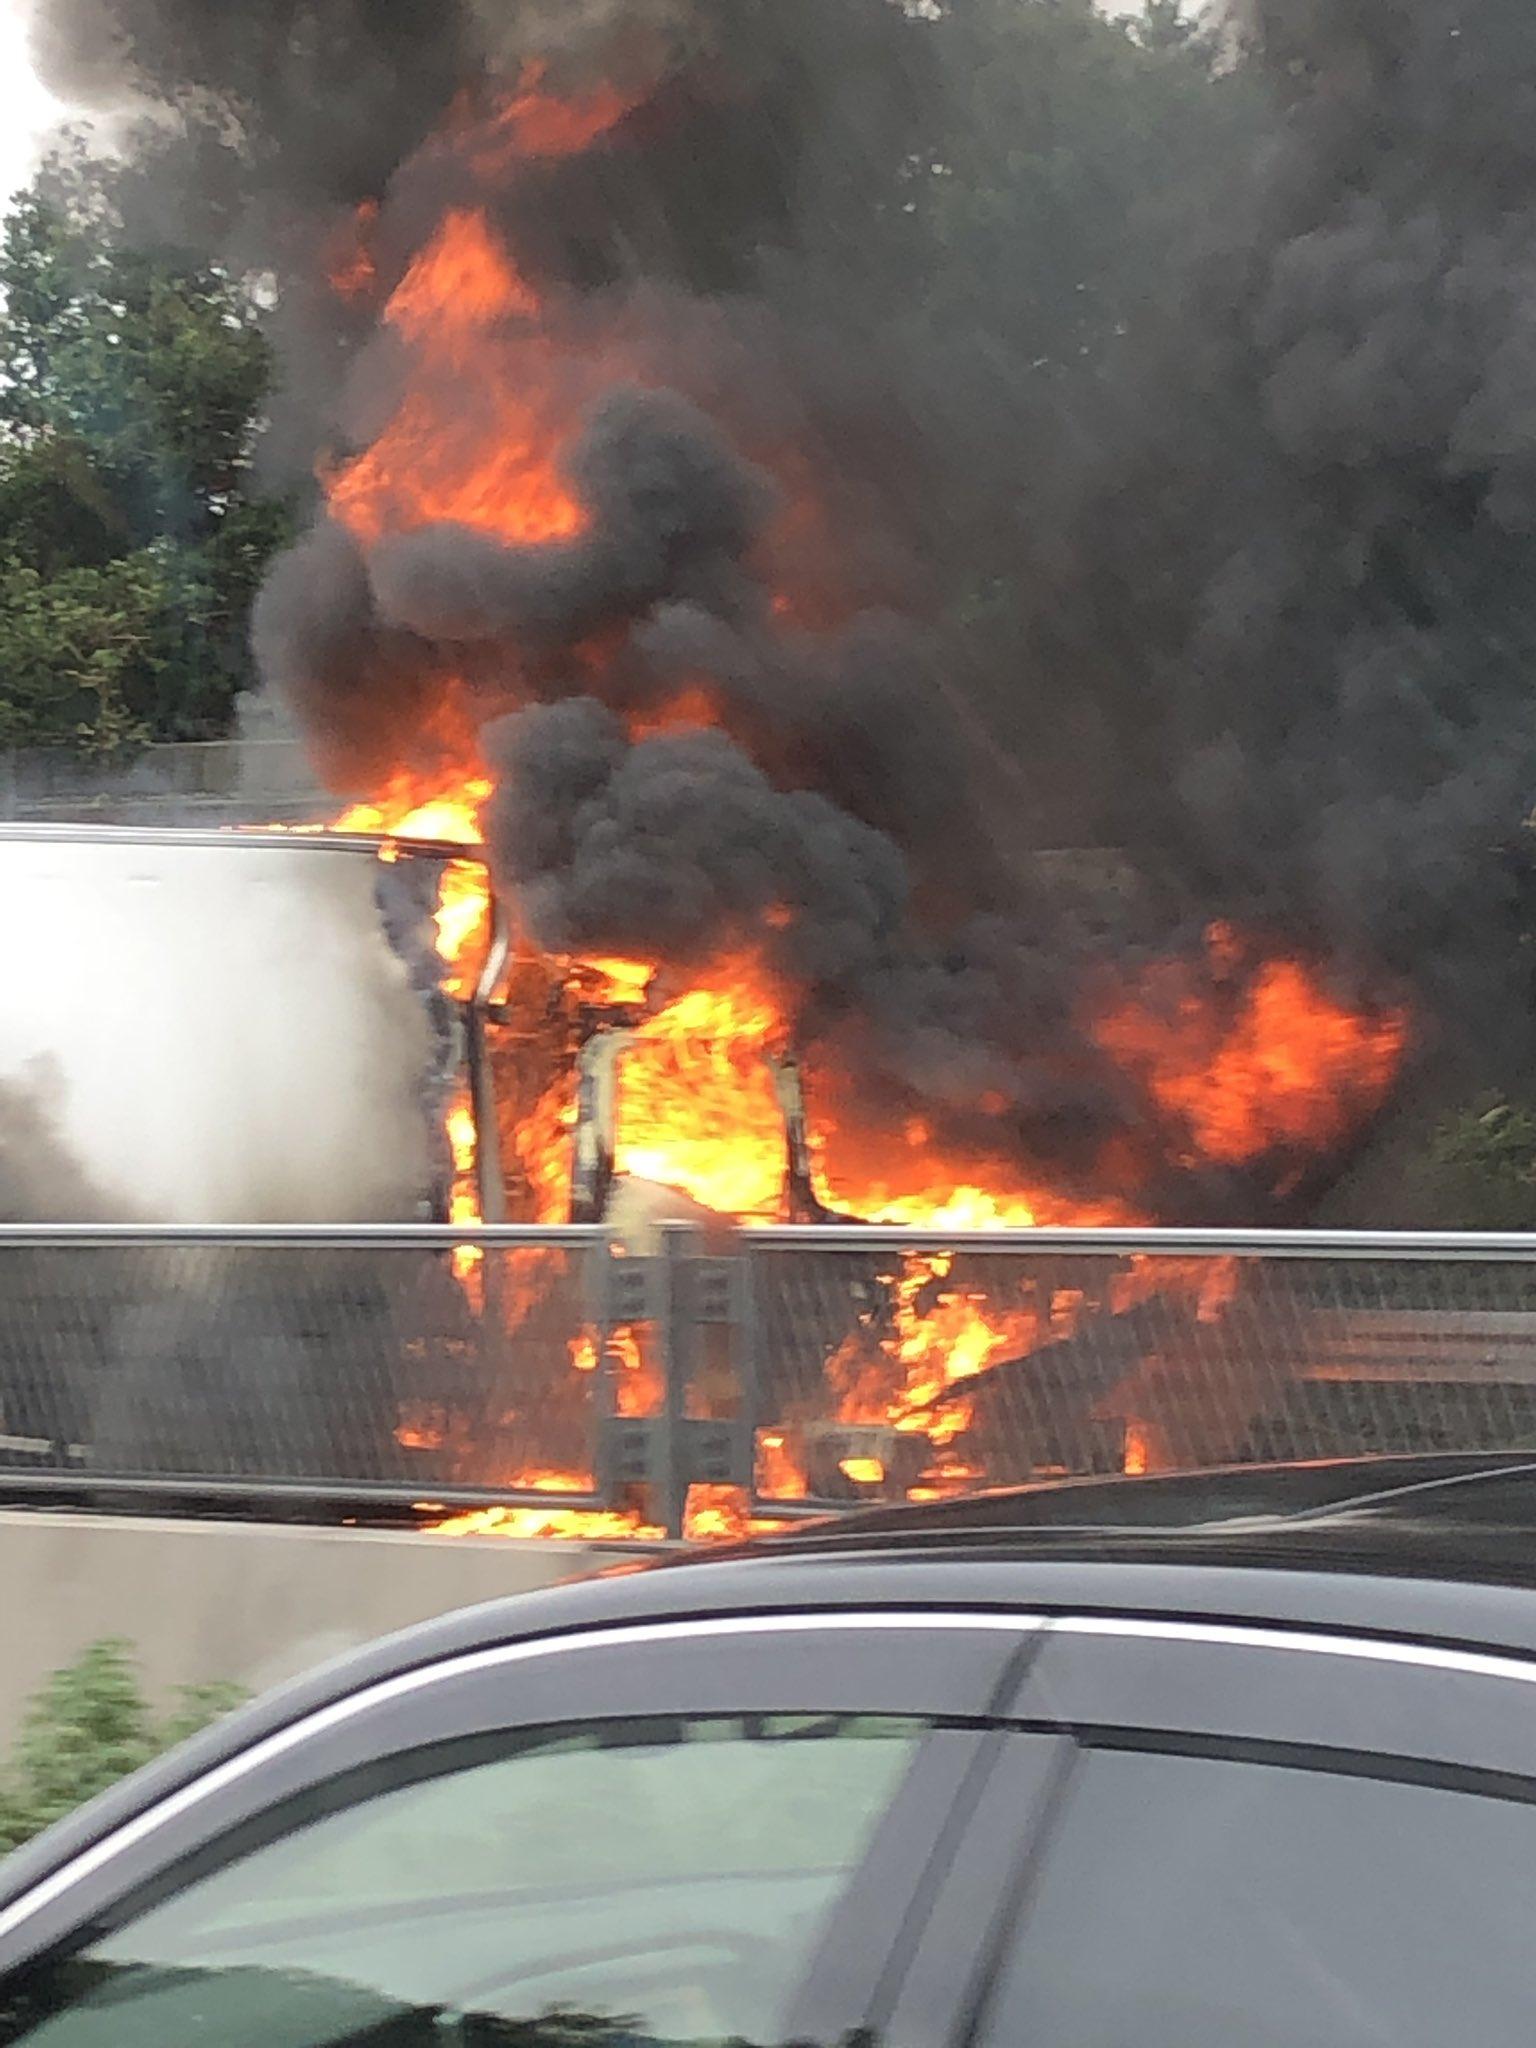 保土ヶ谷バイパスでトラックが燃えている現場の画像